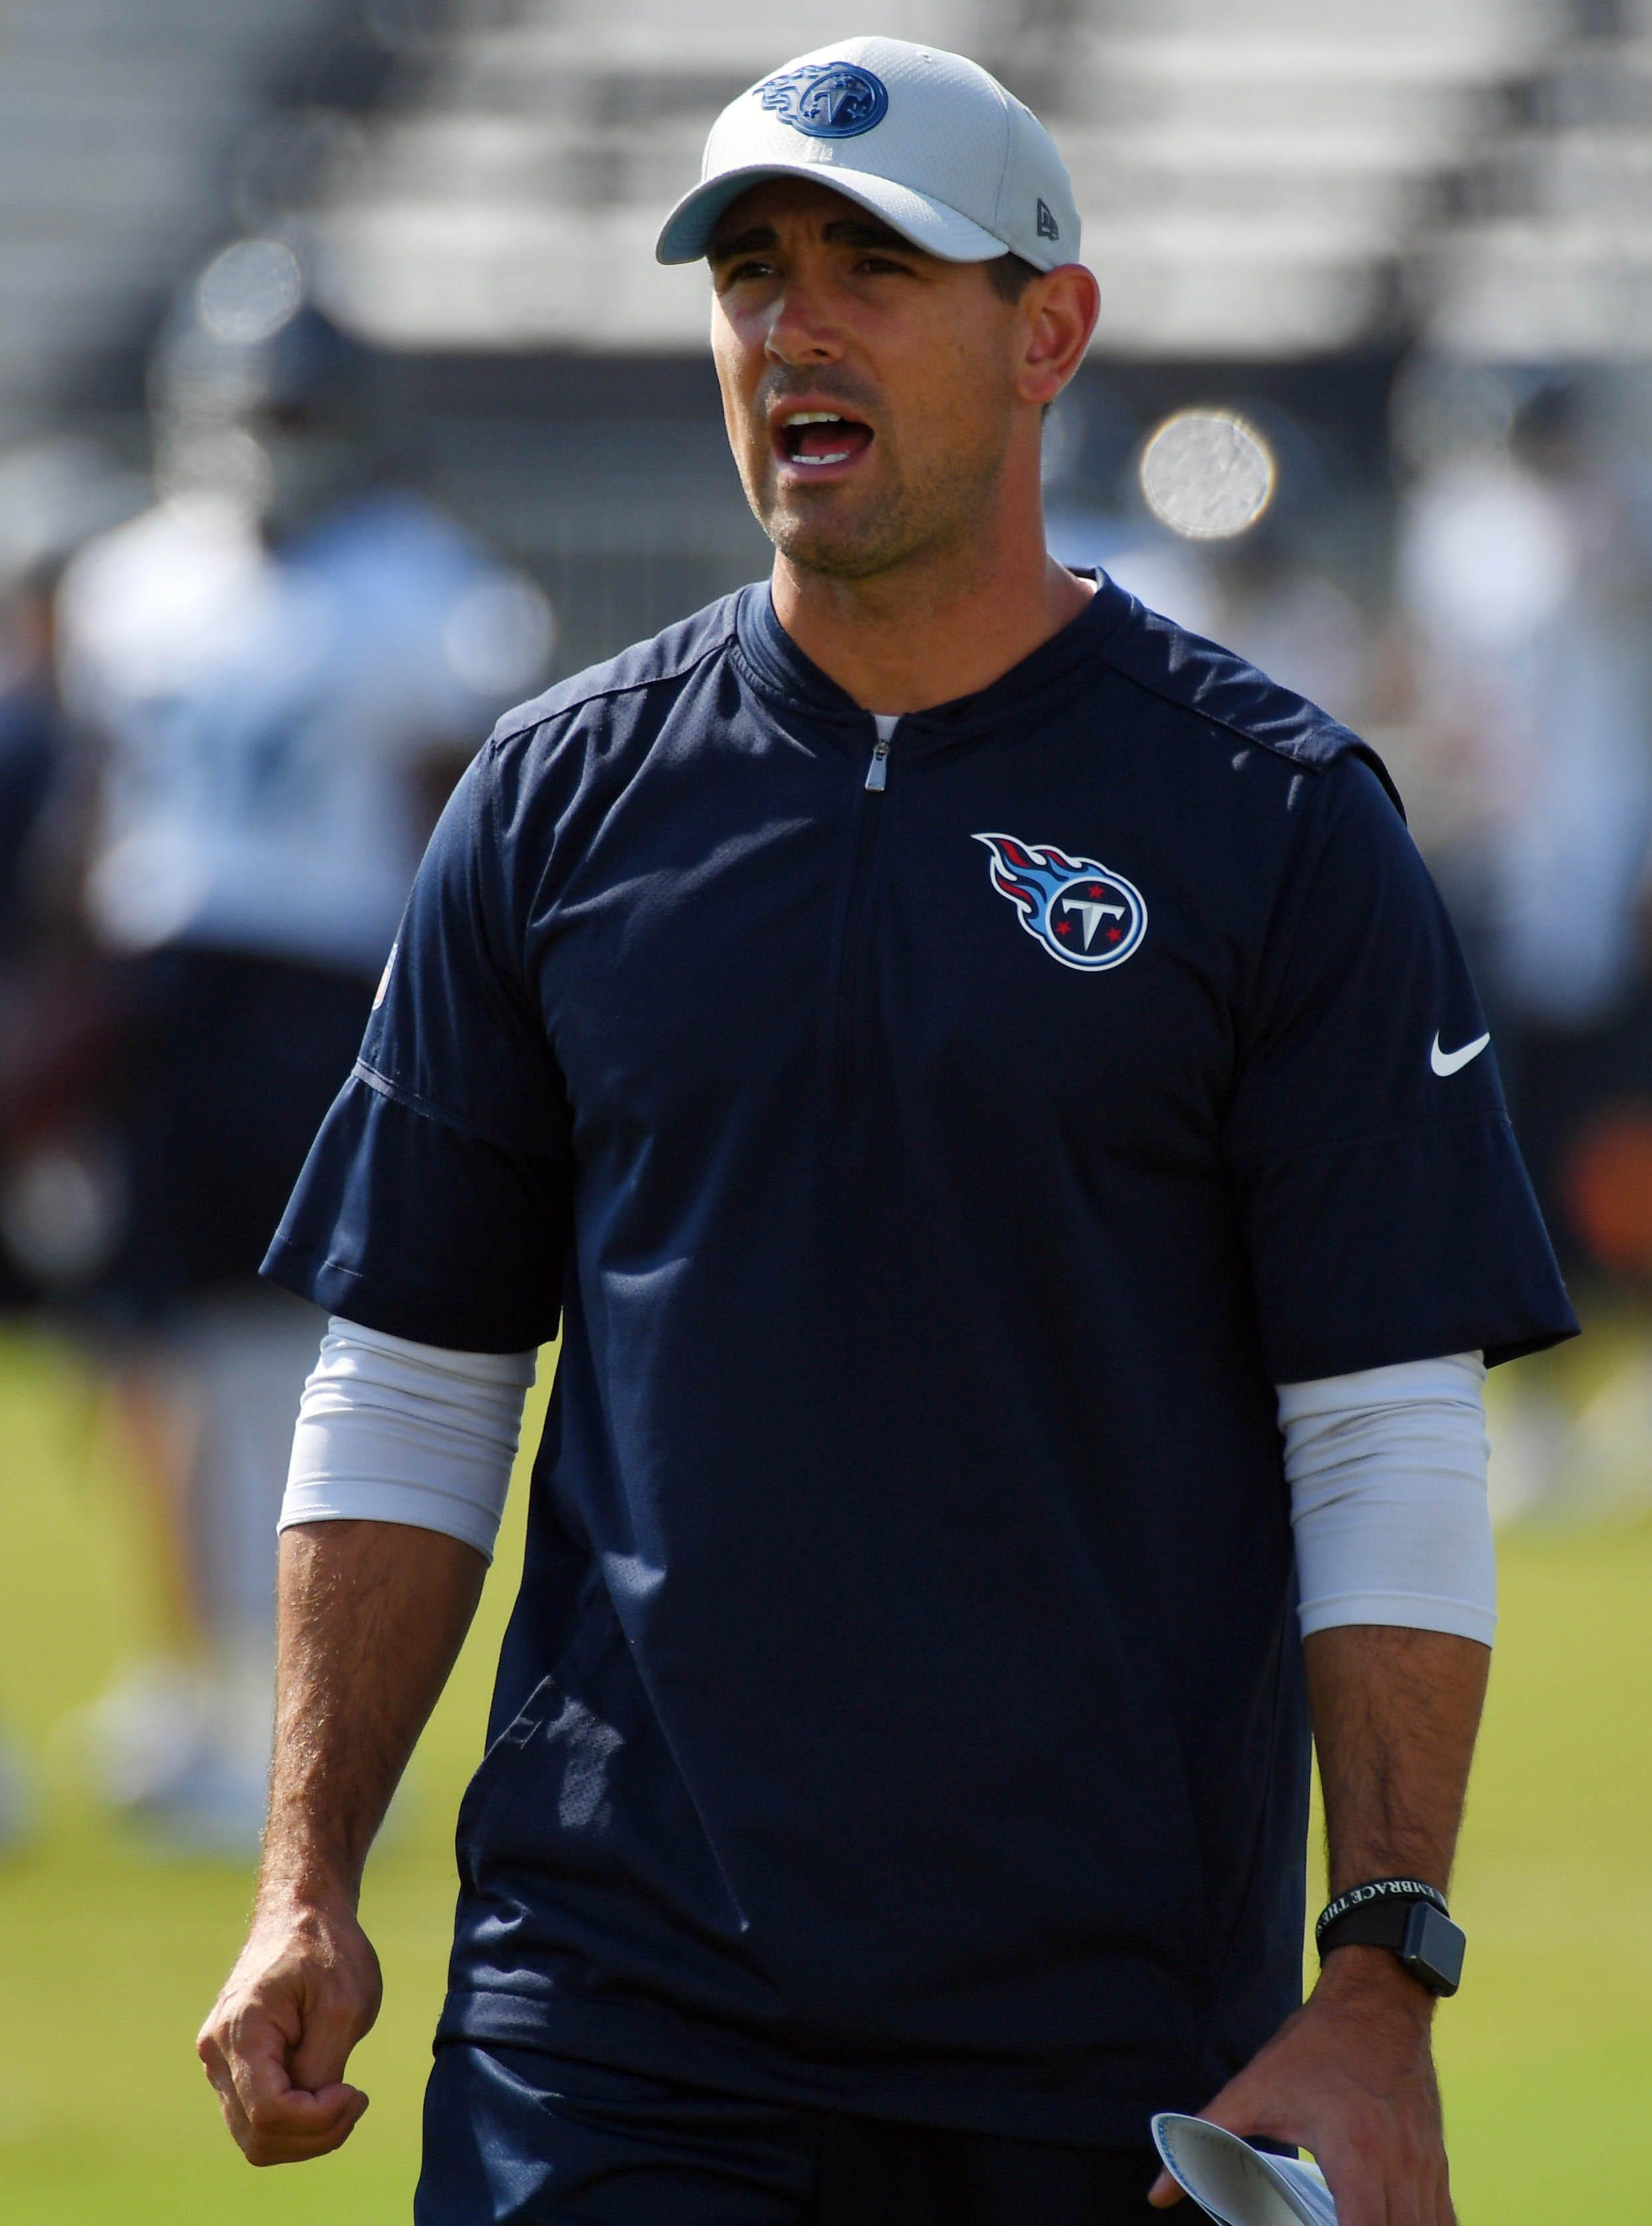 Packers hiring Titans coordinator Matt LaFleur as head coach, per reports